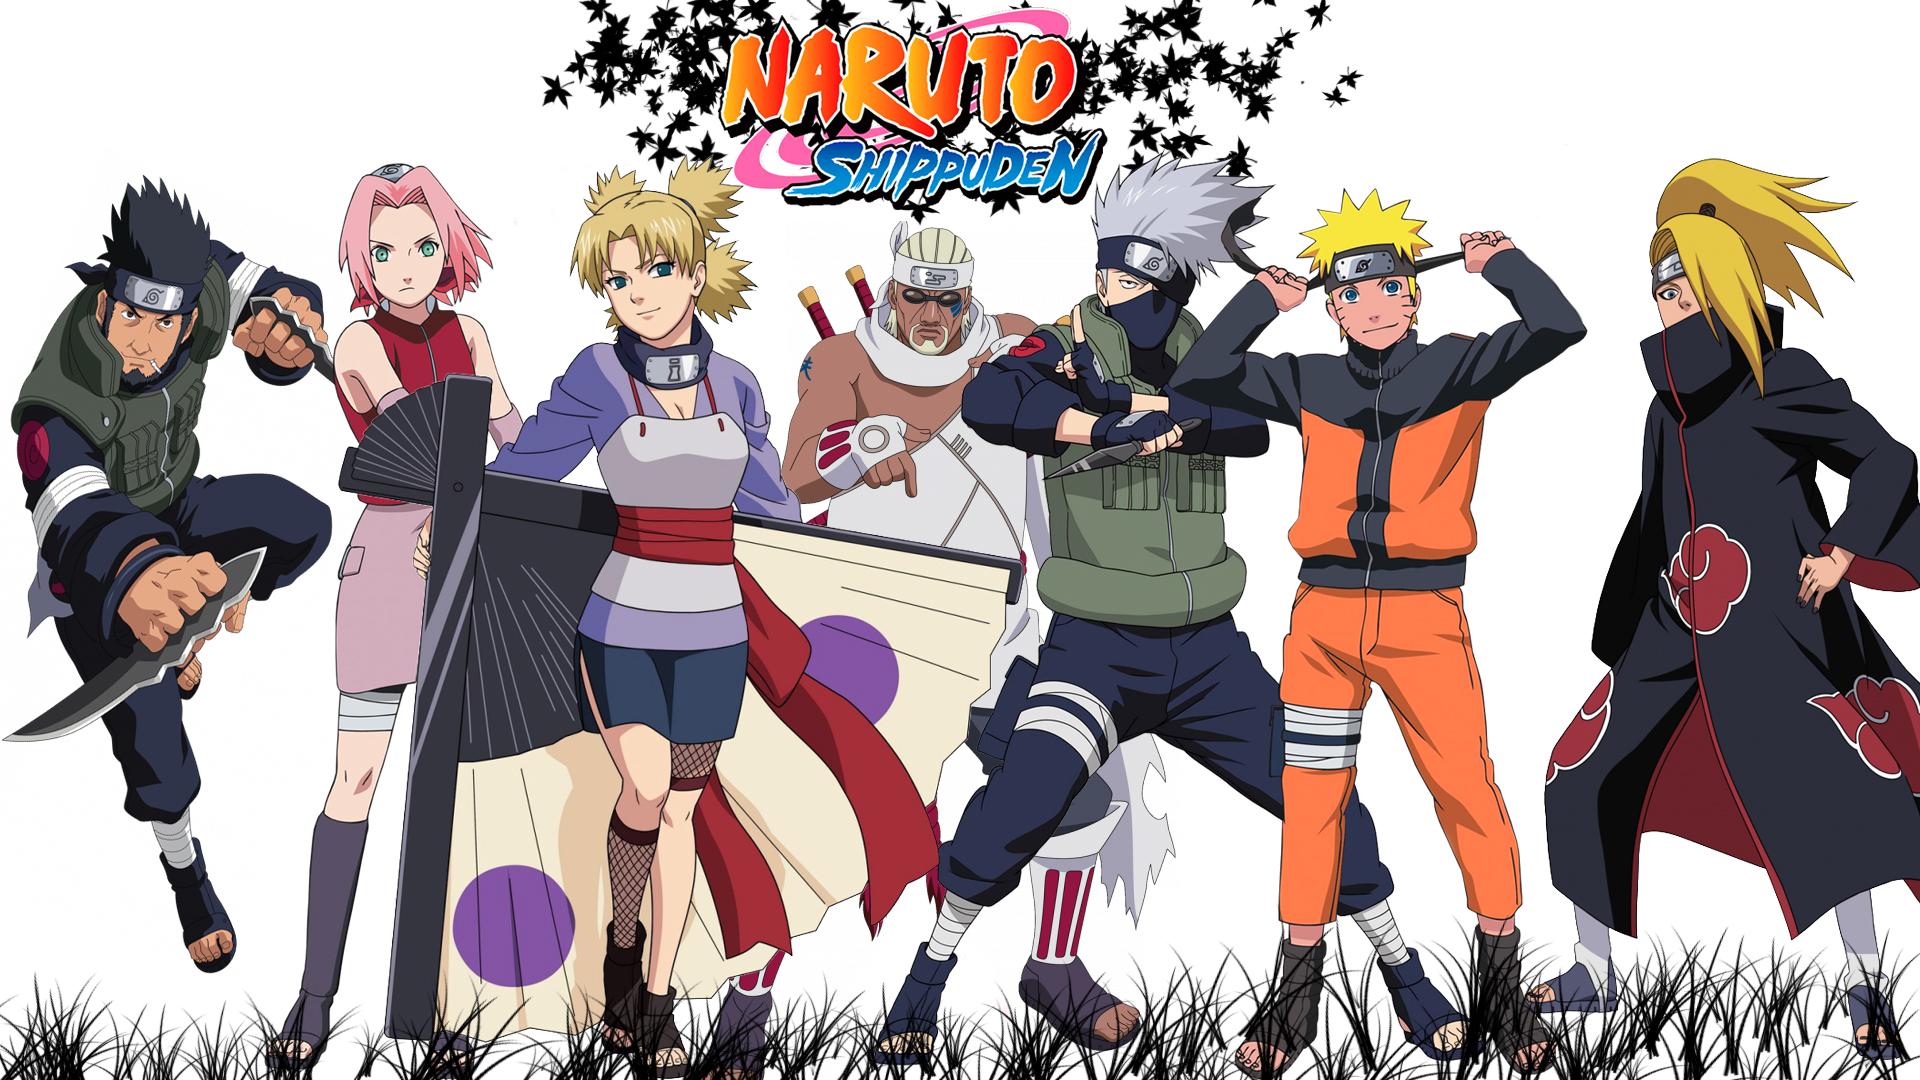 Naruto Shippuden wallpaper 6